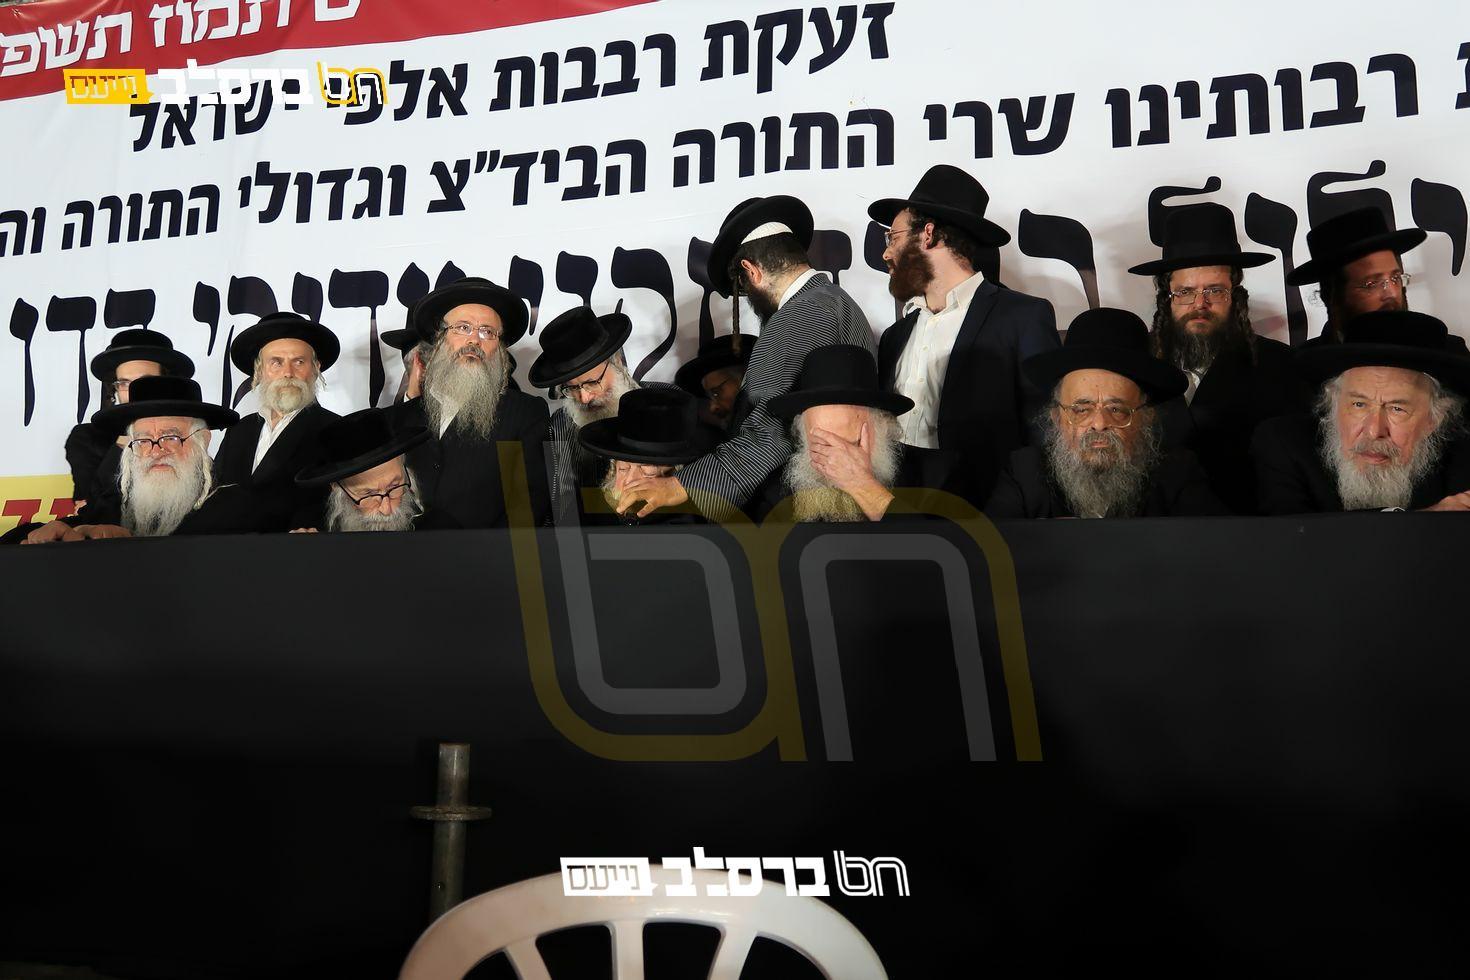 """כְּבוֹד הַתּוֹרָה • עצרת האלפים בראשות גדולי ישראל על חילול כבוד רבותינו ובראשם כבוד הגרי""""מ שכטער"""